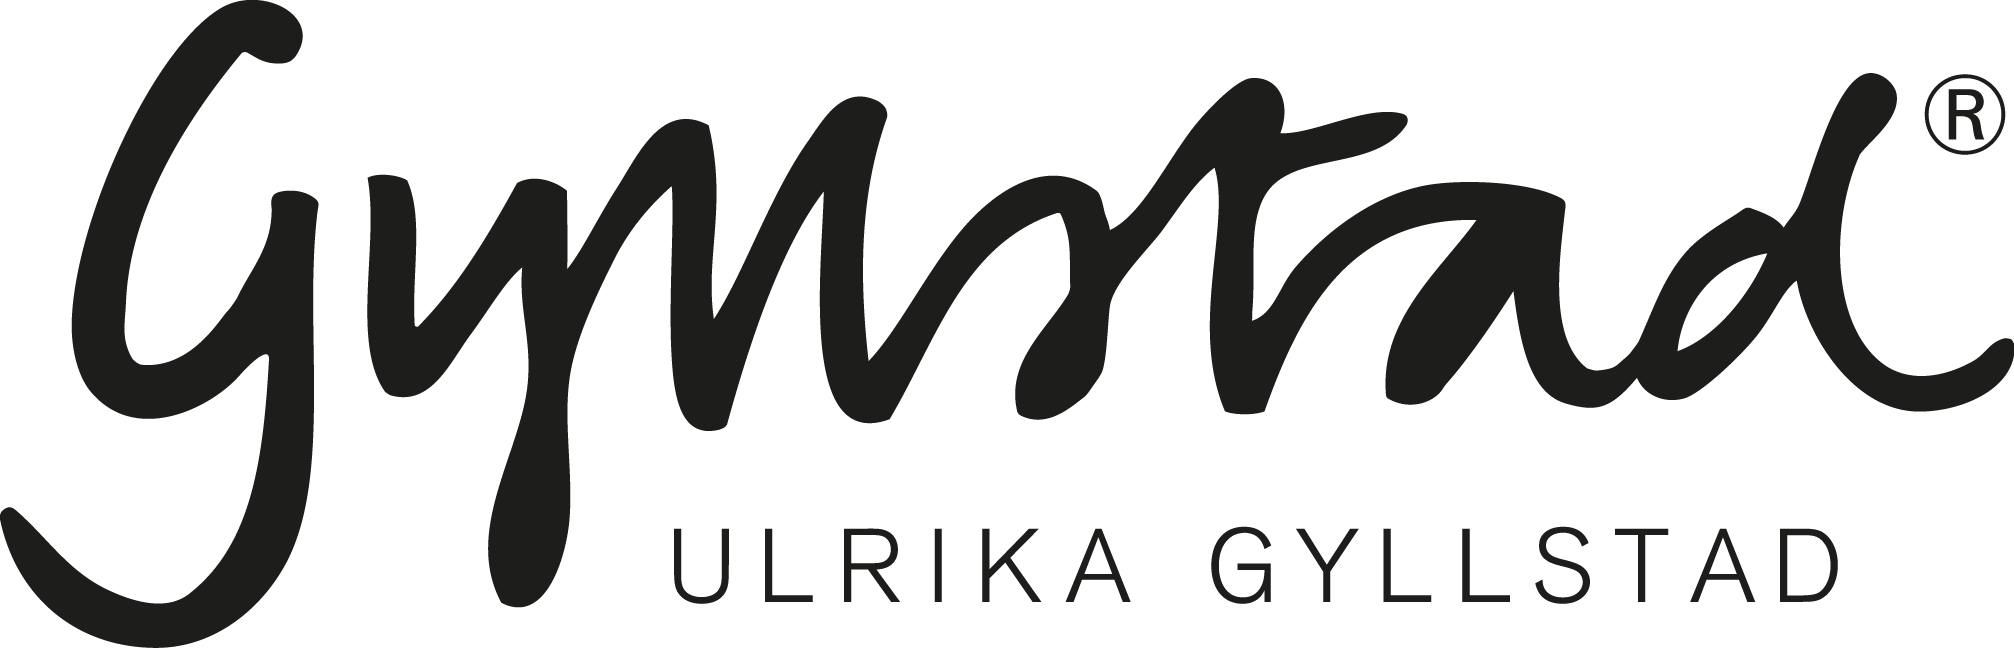 Ulrika Gyllstad